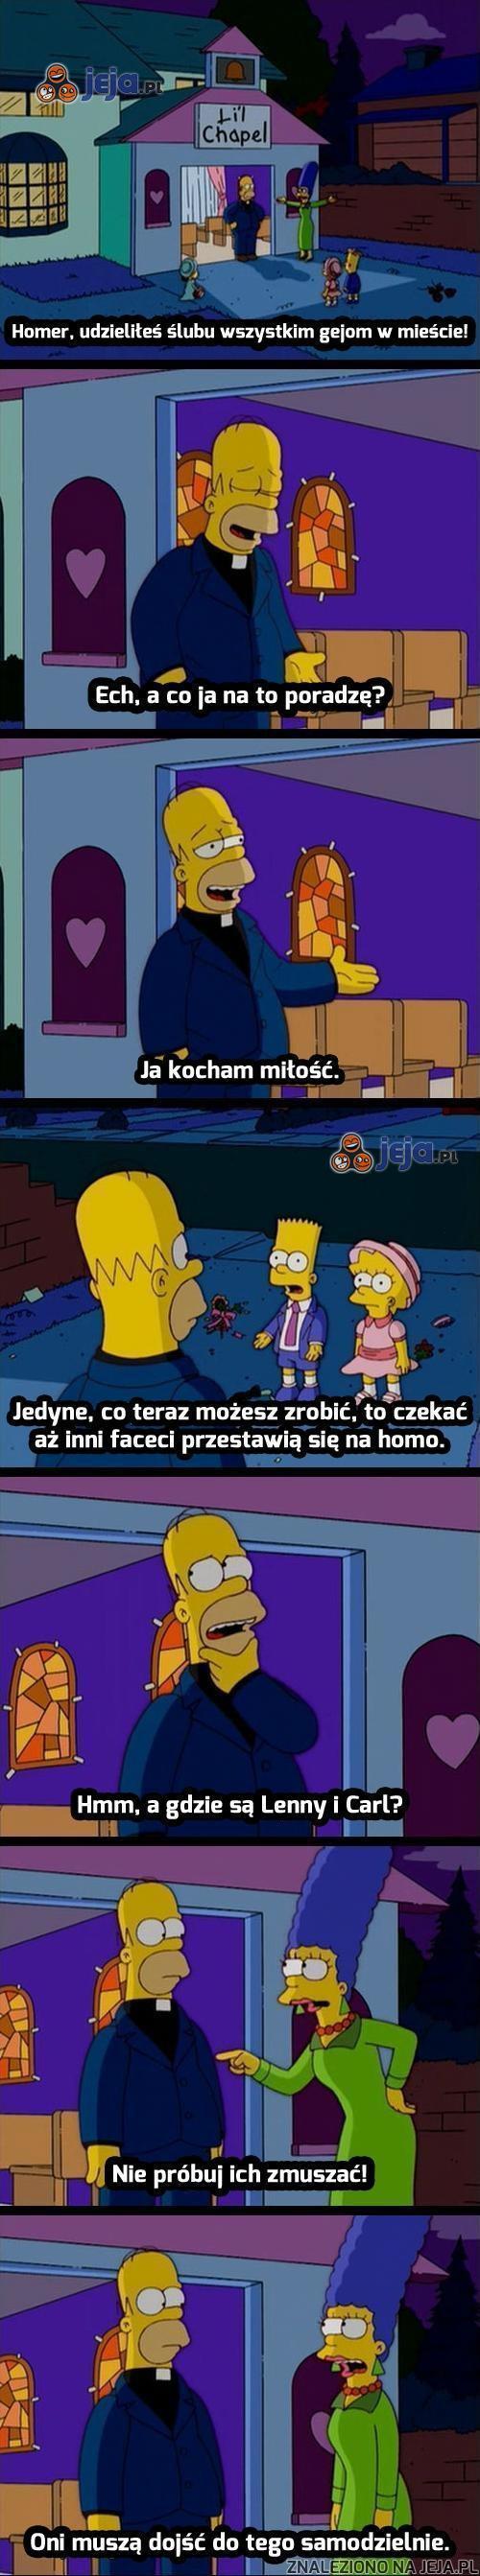 Homer nikomu nie odmawia